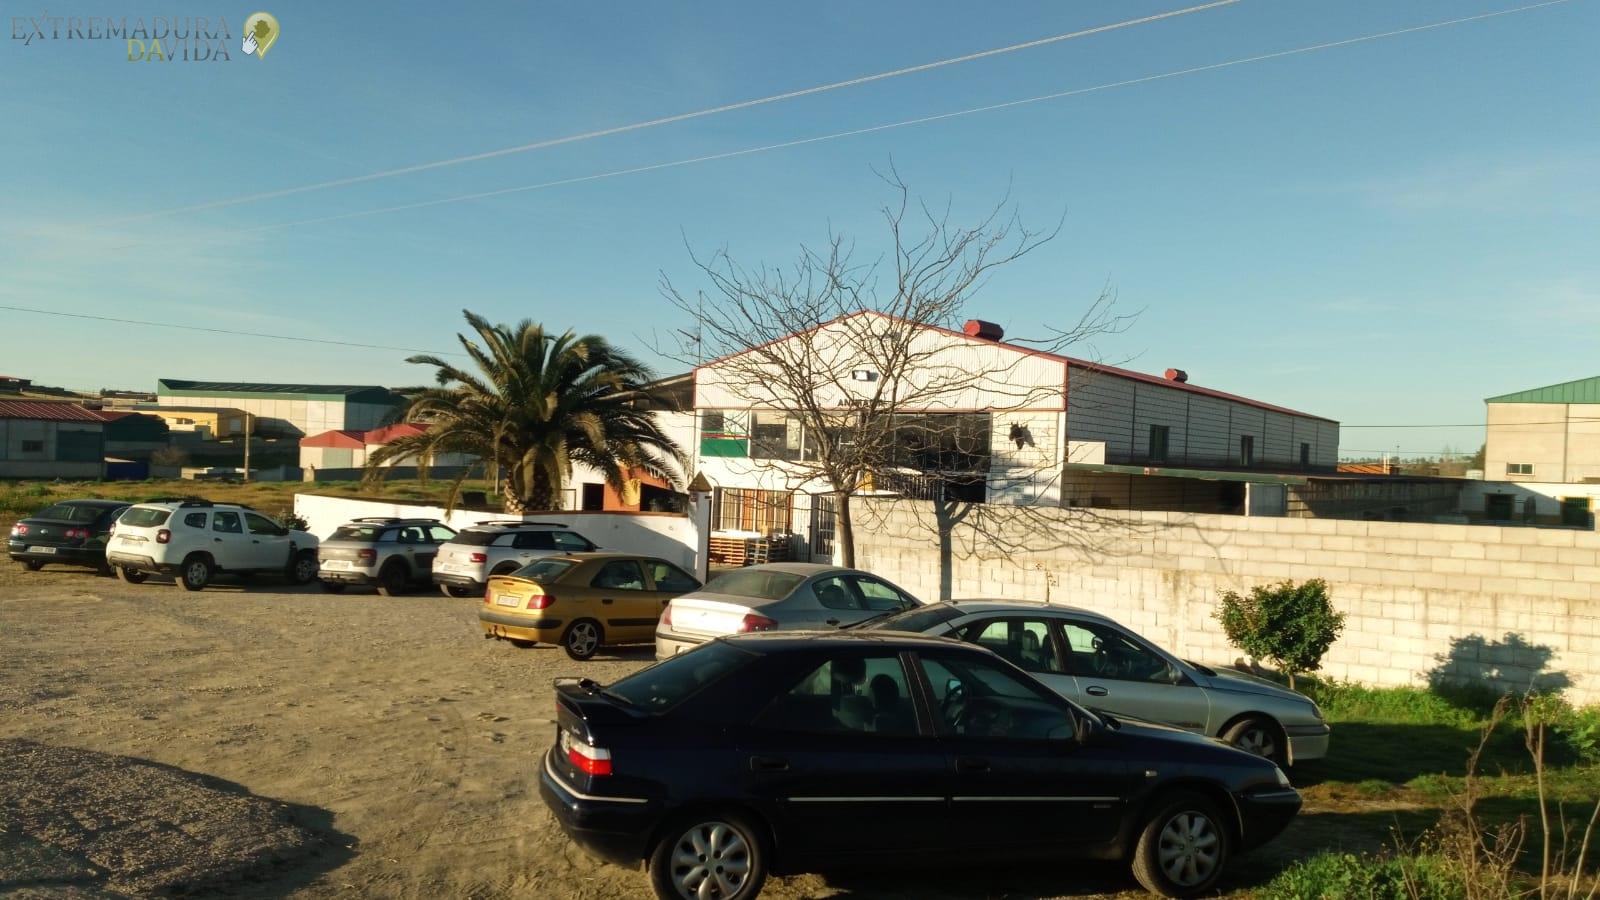 Tienda de animales Polígono Ganadero Cáceres